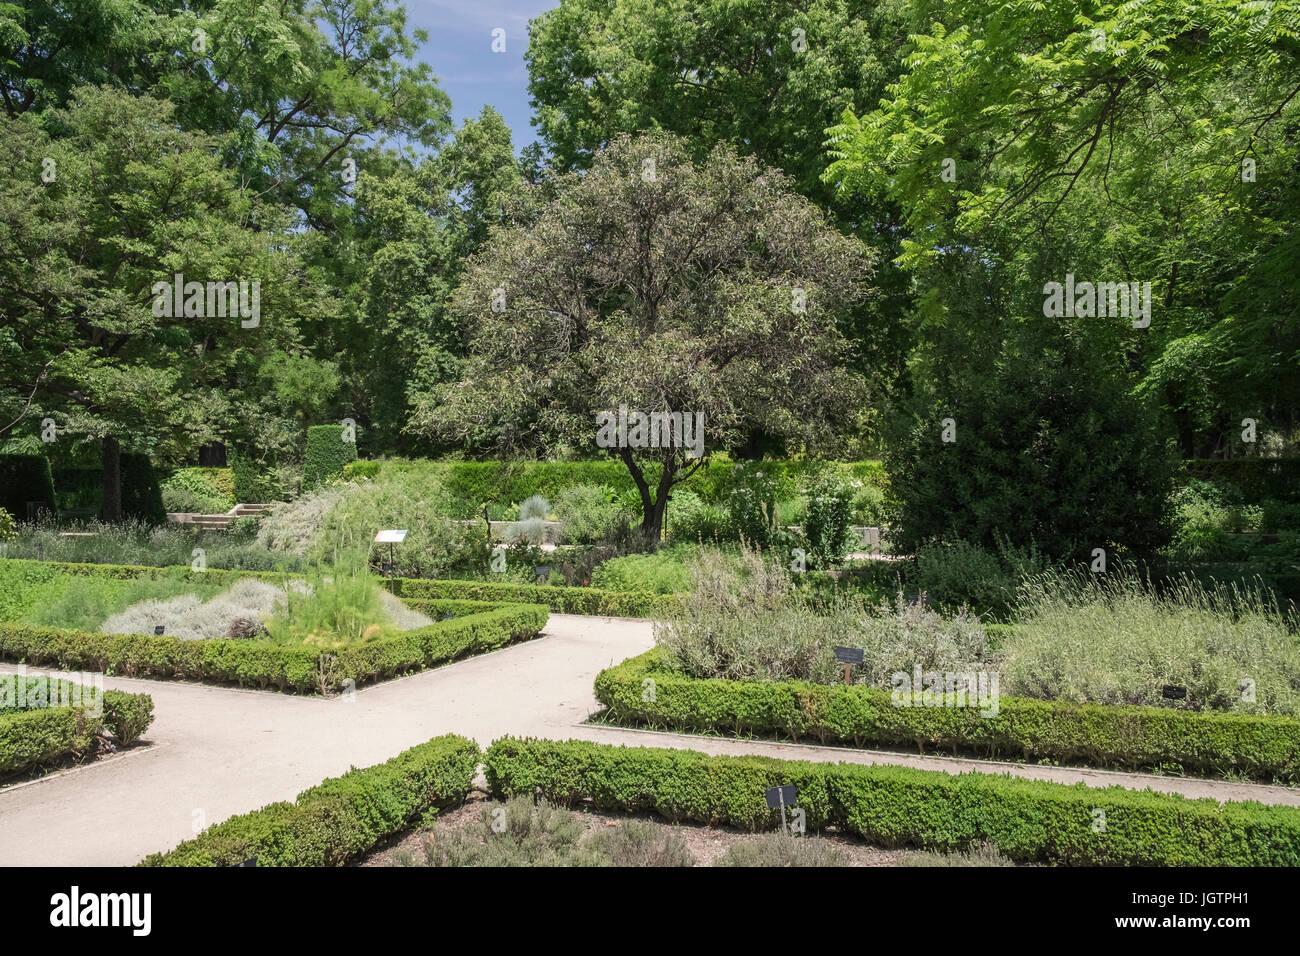 Amazing Royal Botanical Garden, (Real Jardin Botanico) Madrid, Spain.